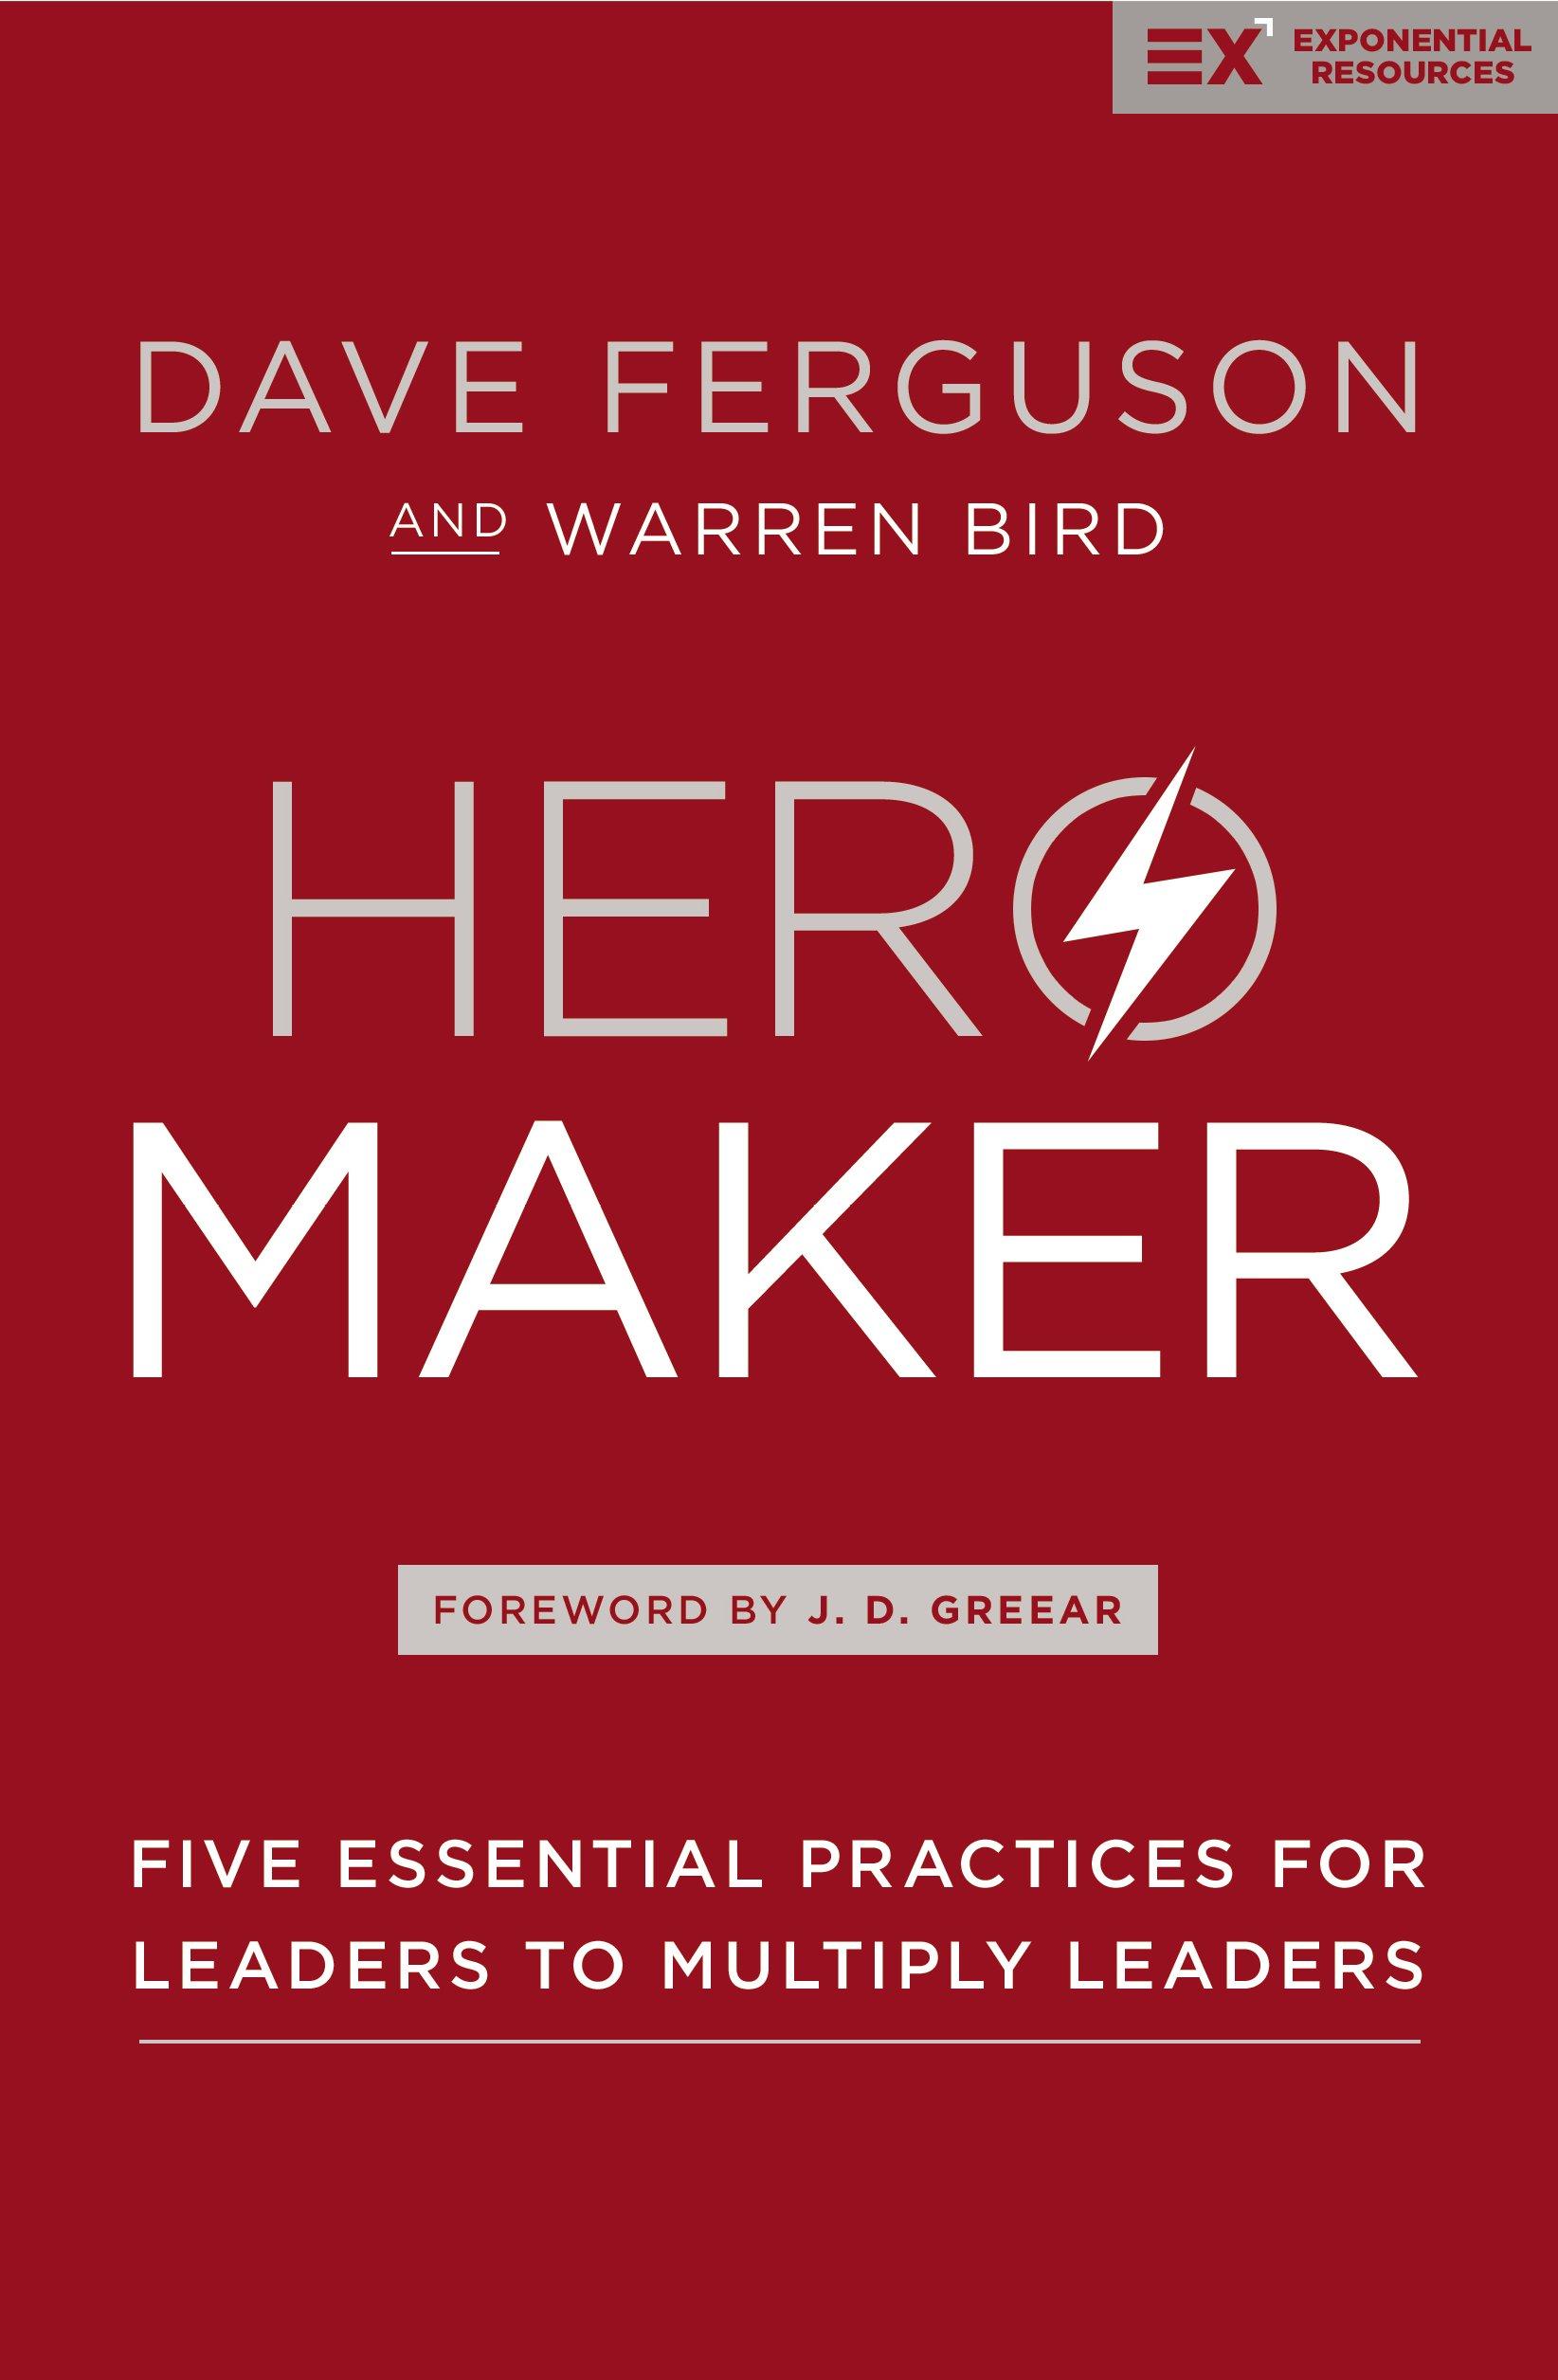 hero-maker-book